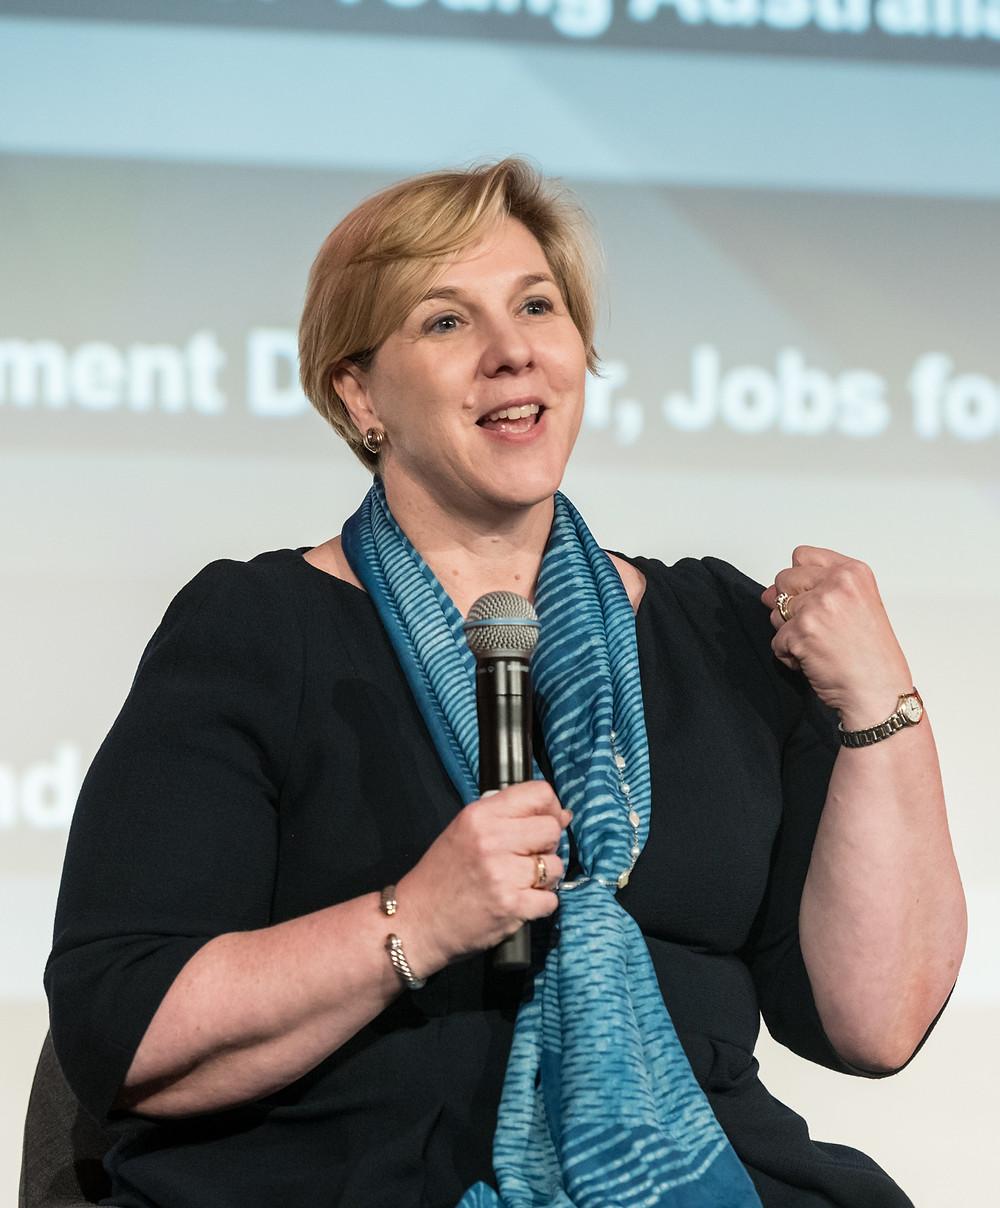 Robyn Denholm, Board Chair of Tesla